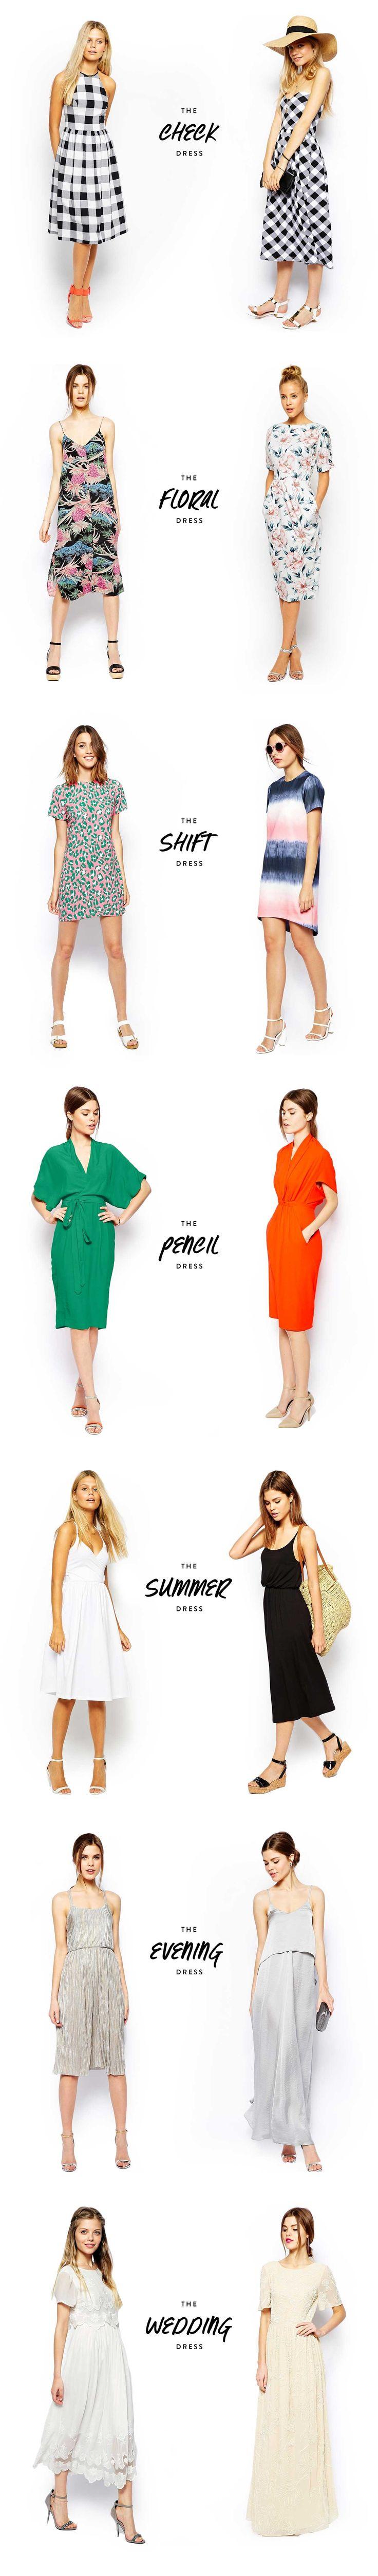 The ASOS Dress